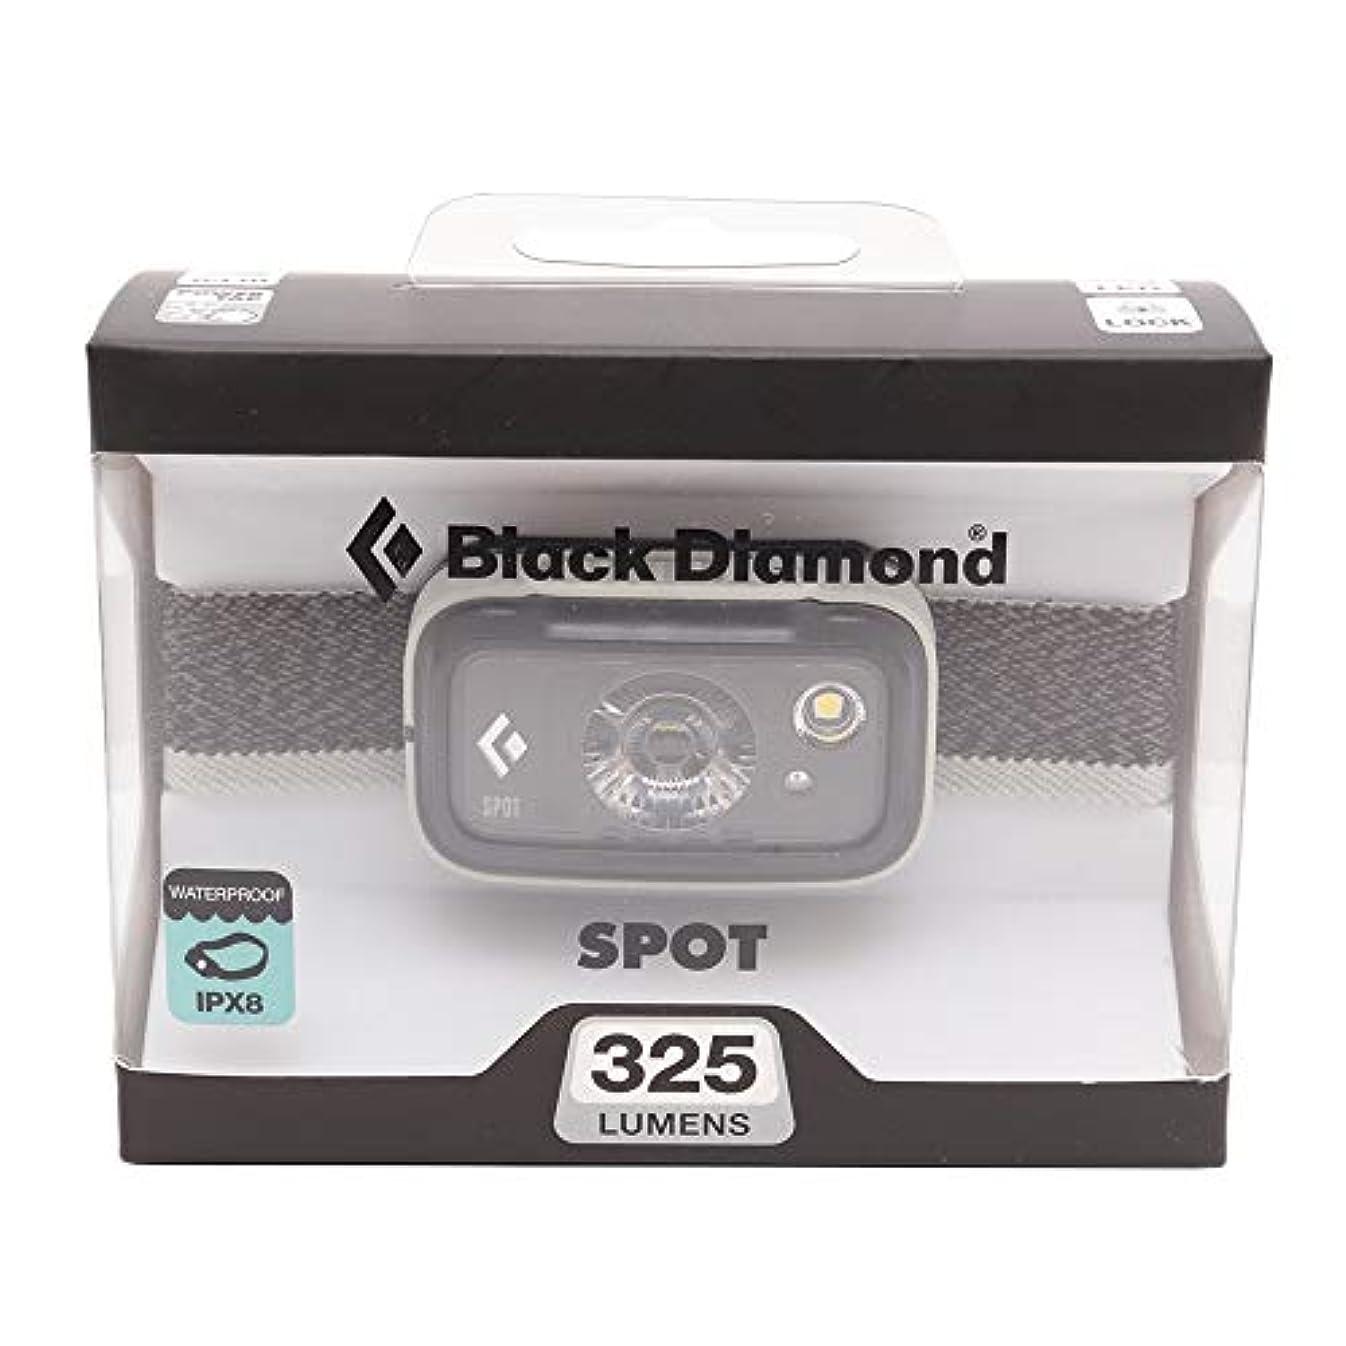 信仰スリルベスビオ山Black Diamond (ブラックダイヤモンド)スポットヘッドランプ 325ルーメン 2019年モデル BD81054 アルミニウム(シルバー系) [並行輸入品]